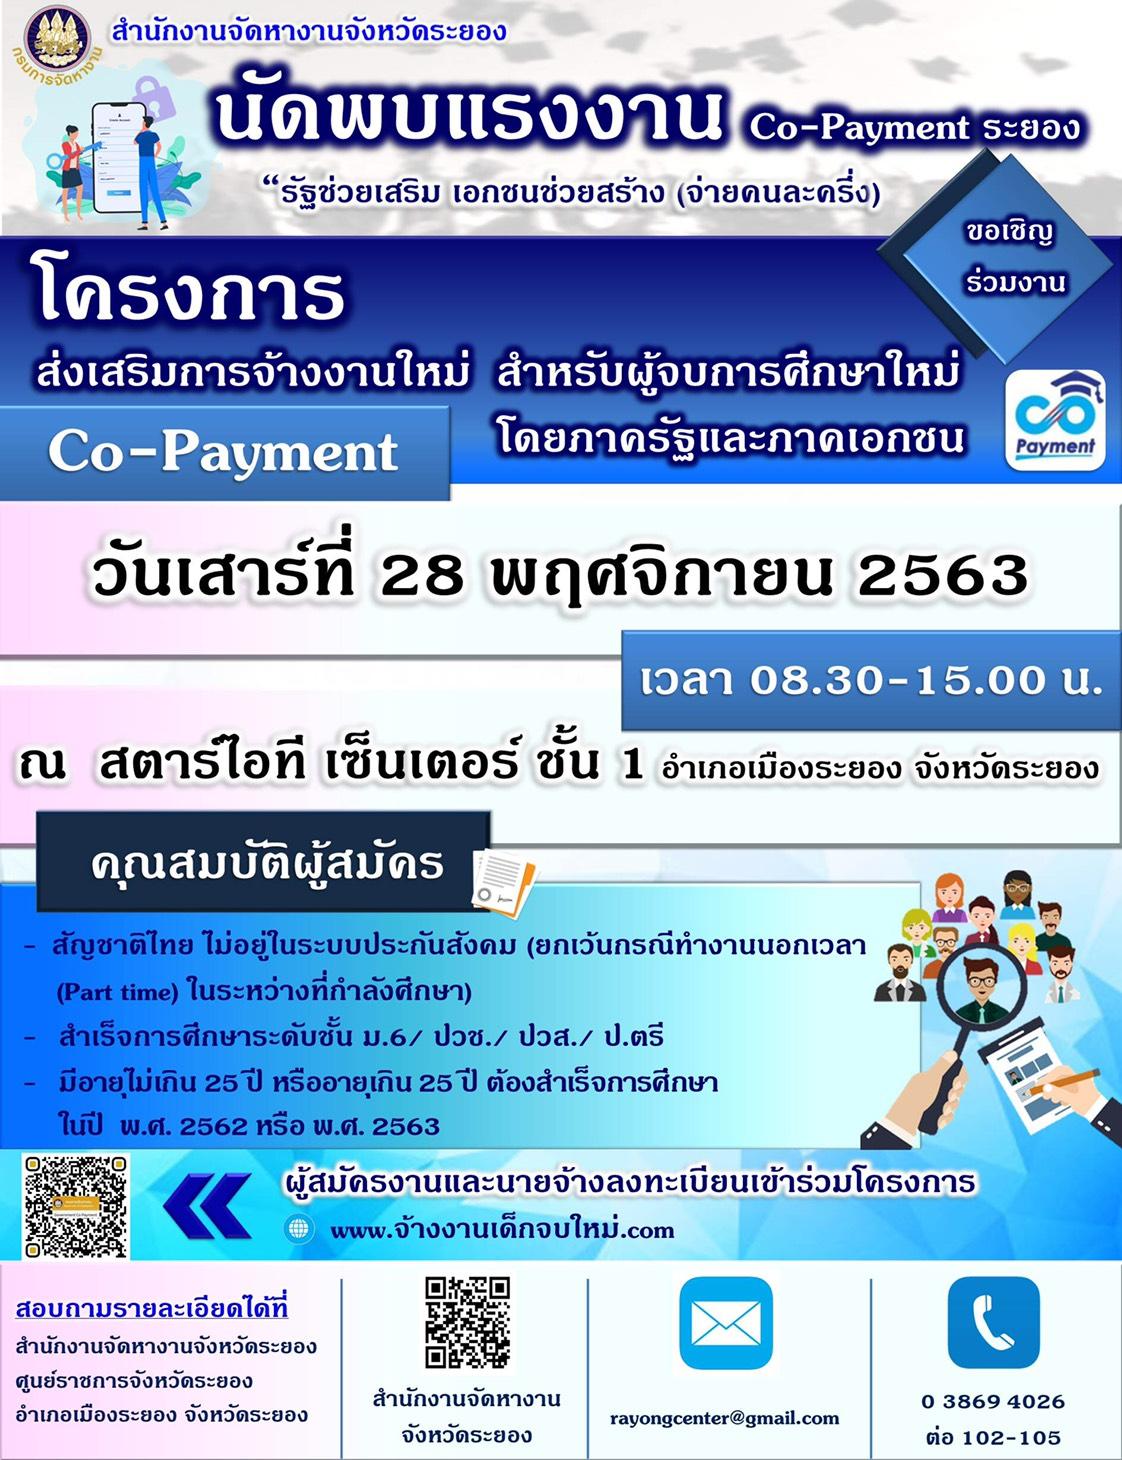 ขอเชิญนายจ้าง/สถานประกอบการ และนักศึกษาจบใหม่-ว่างงาน ร่วมงานนัดพบแรงงาน Co-payment ระยอง ในวันเสาร์ที่ 28 พฤศจิกายน 2563